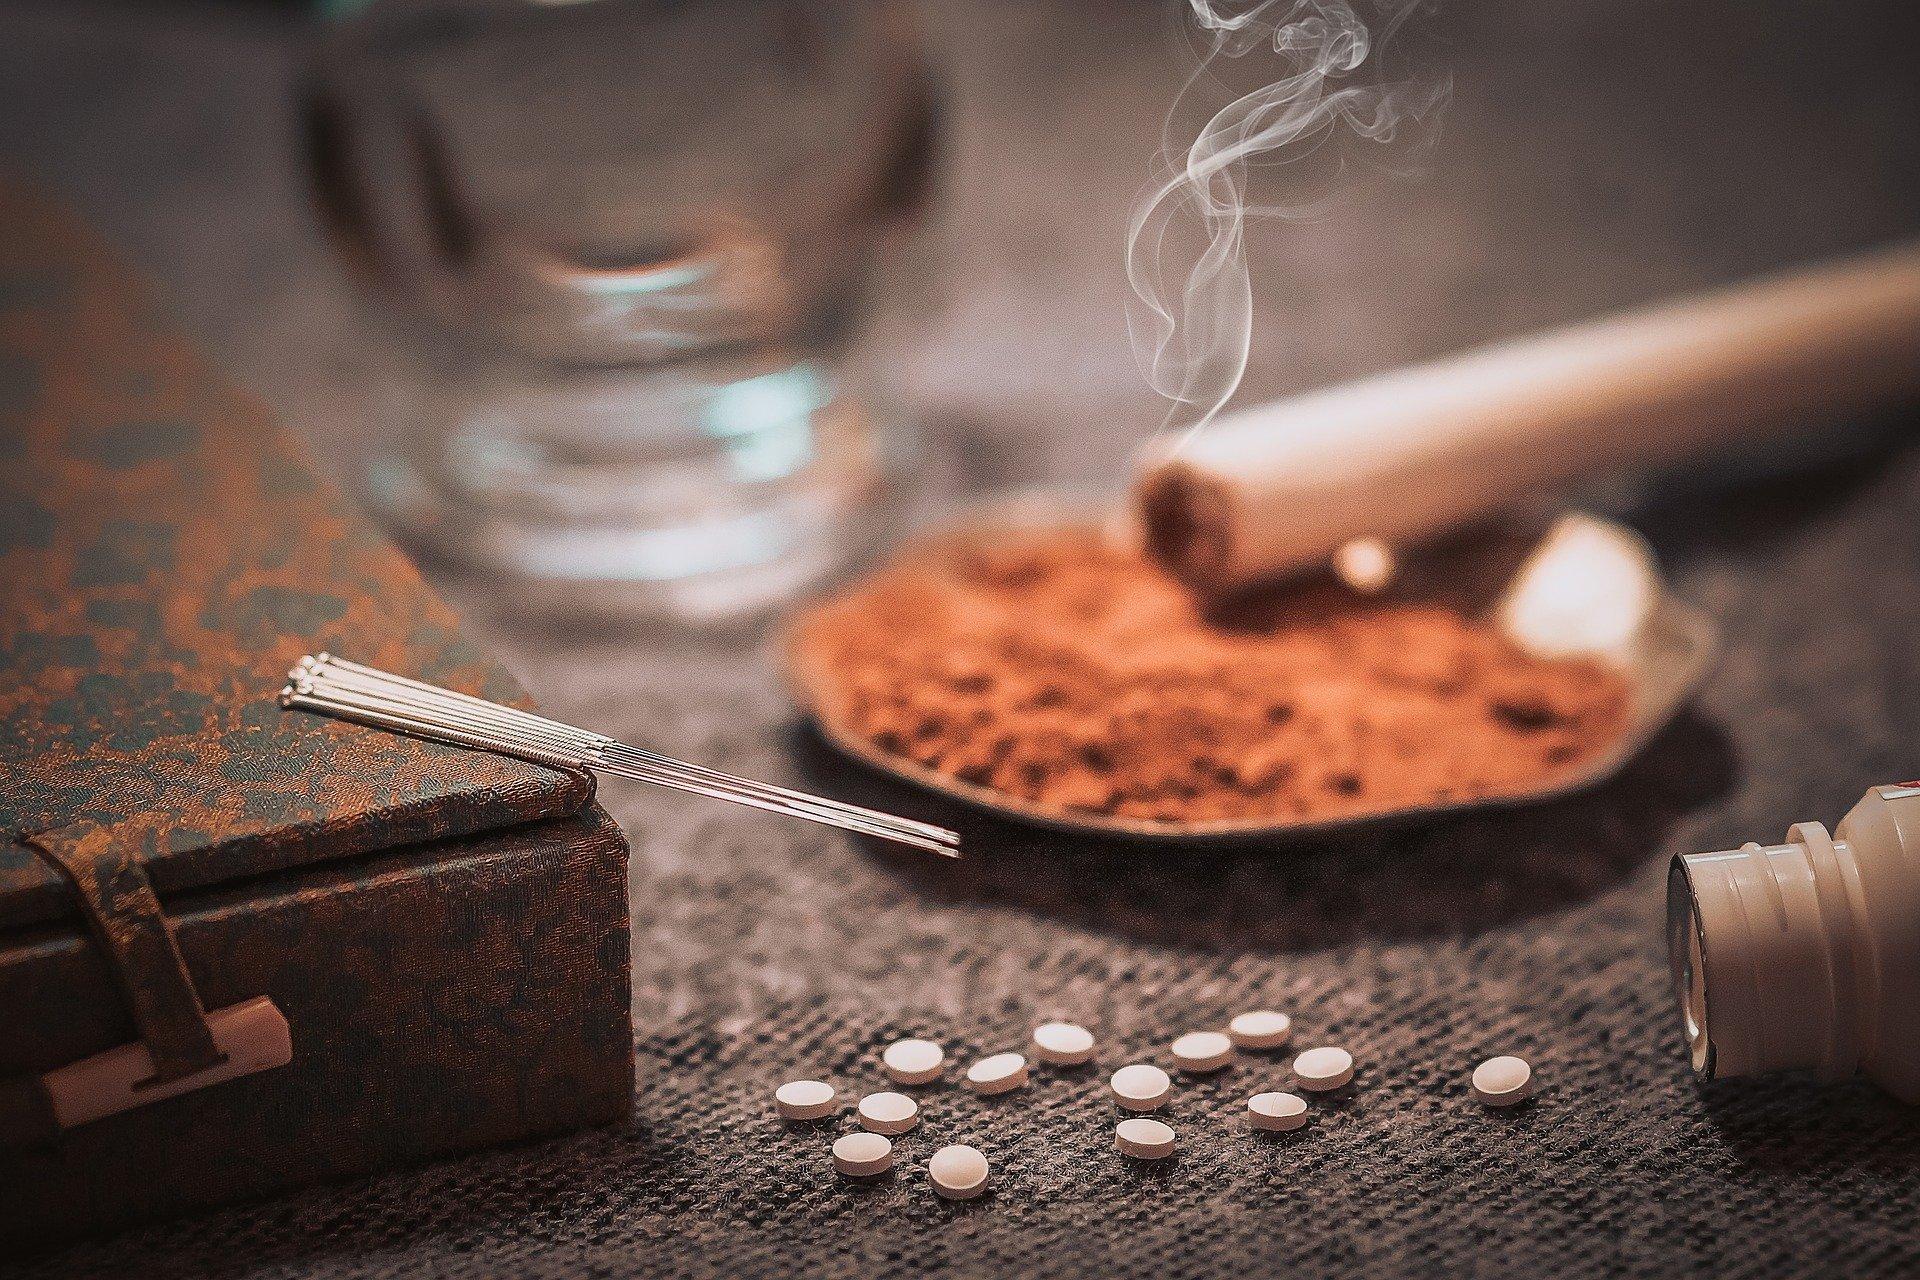 moxa dalla Medicina Tradizionale Cinese